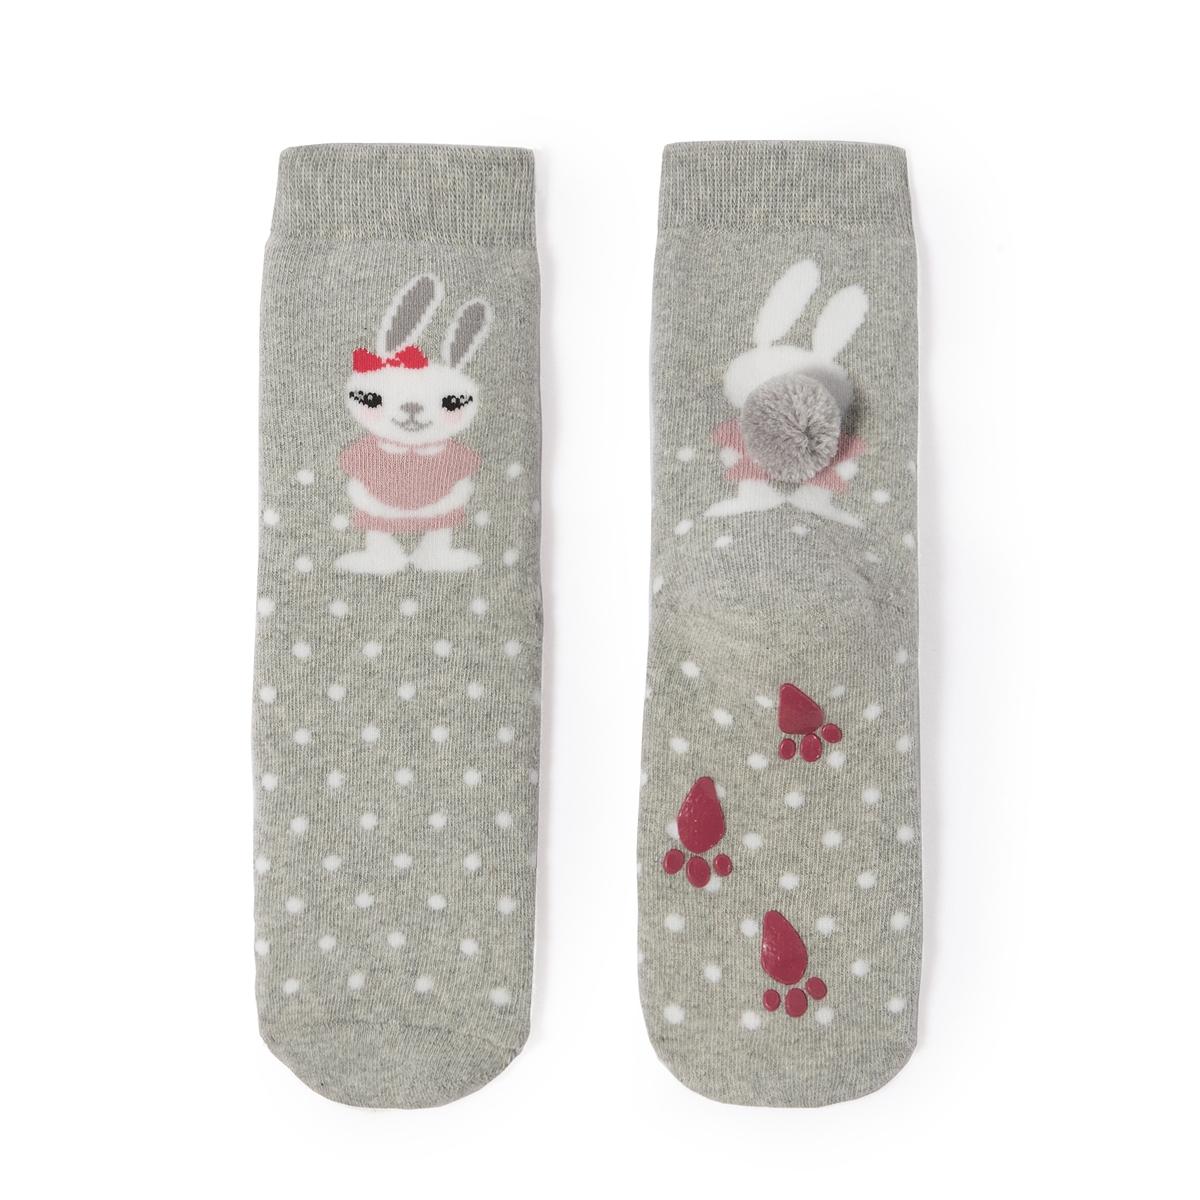 Носки высокие с нескользящей подошвой, 3-12 летВысокие носки с противоскользящим покрытием и рисунком кролик. Внутренняя часть из букле.Состав и описание :    Материал     82% хлопка, 10% полиамида, 7% полиэстера, 1% эластана  Уход : Машинная стирка при 30 °C на умеренном режиме с вещами схожих цветов. Машинная сушка запрещена. Не гладить.<br><br>Цвет: серый<br>Размер: 19/22.31/34.27/30